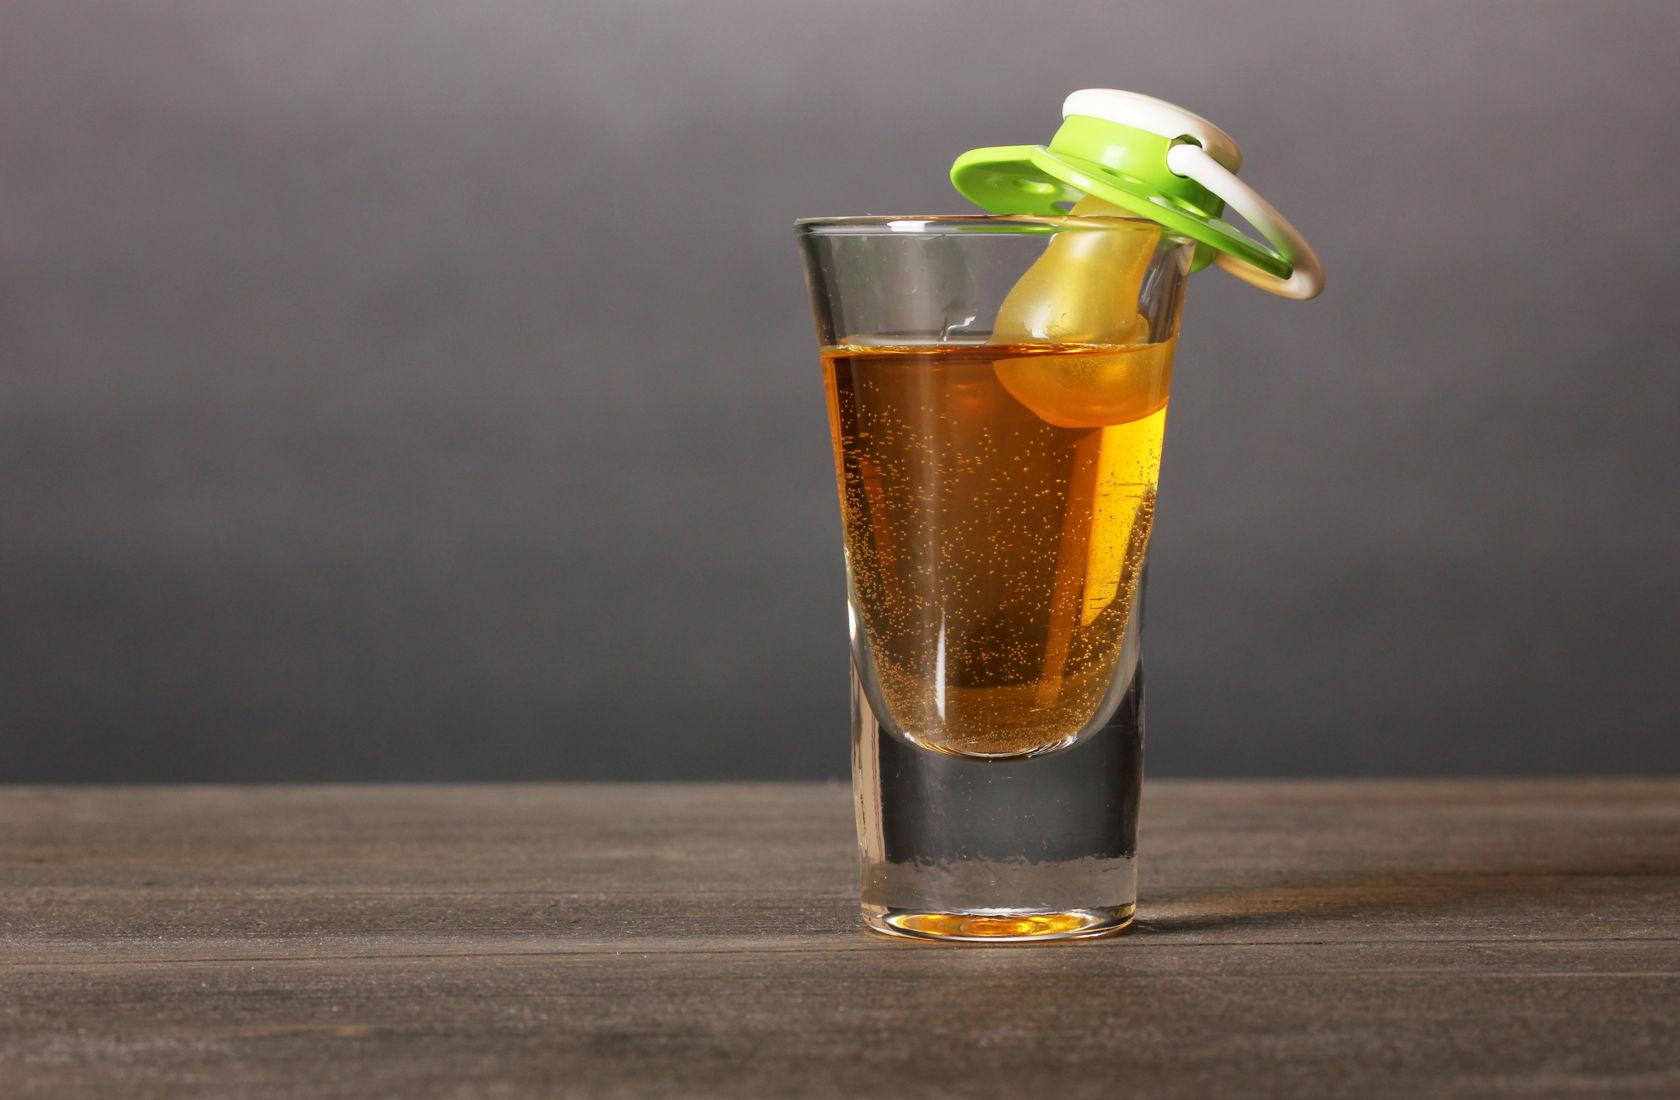 Можно ли беременным и кормящим употреблять алкоголь